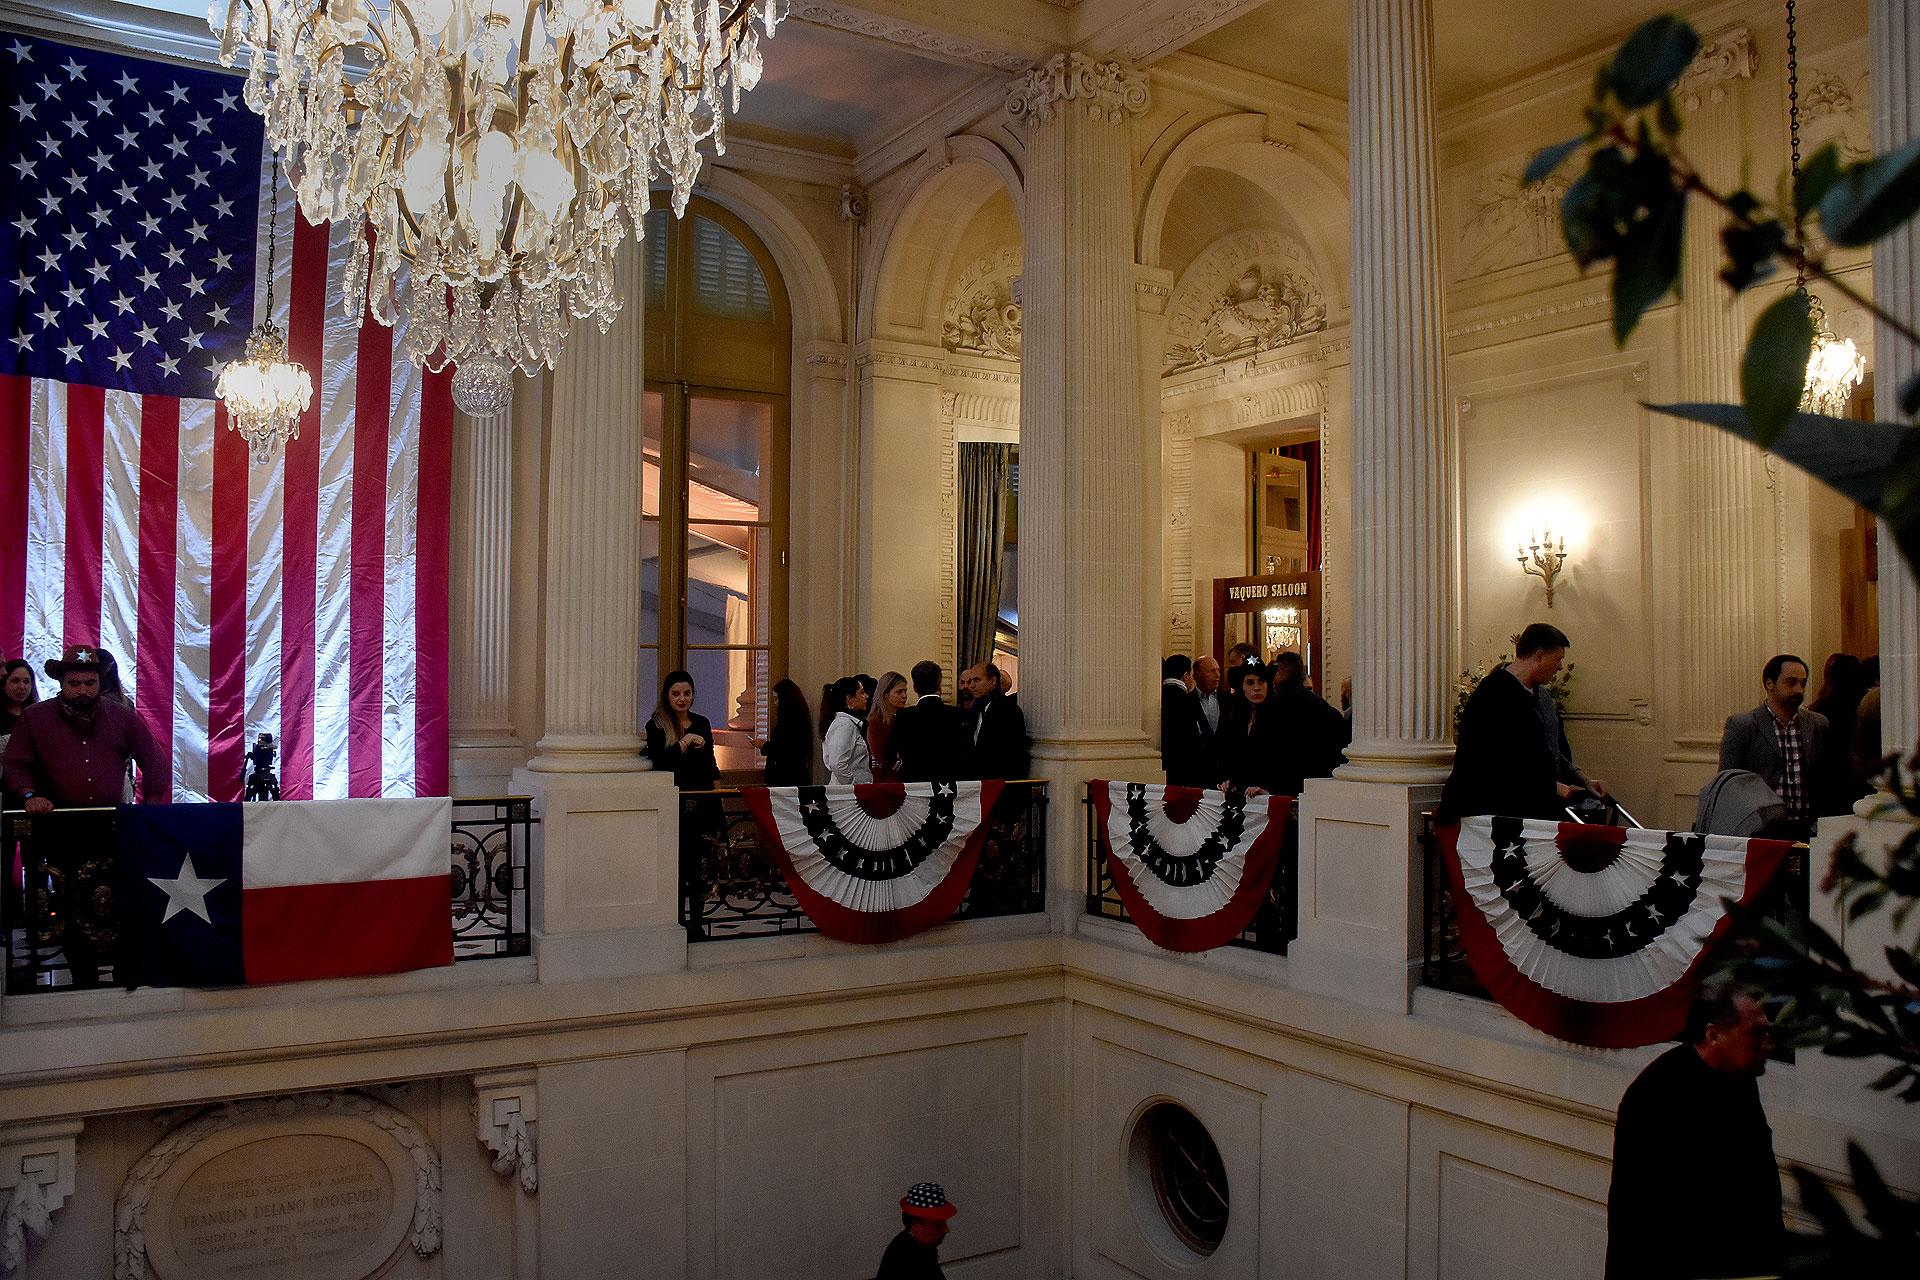 El Palacio Bosch decorado con los colores de la bandera de los Estados Unidos para festejar el Día de la Independencia